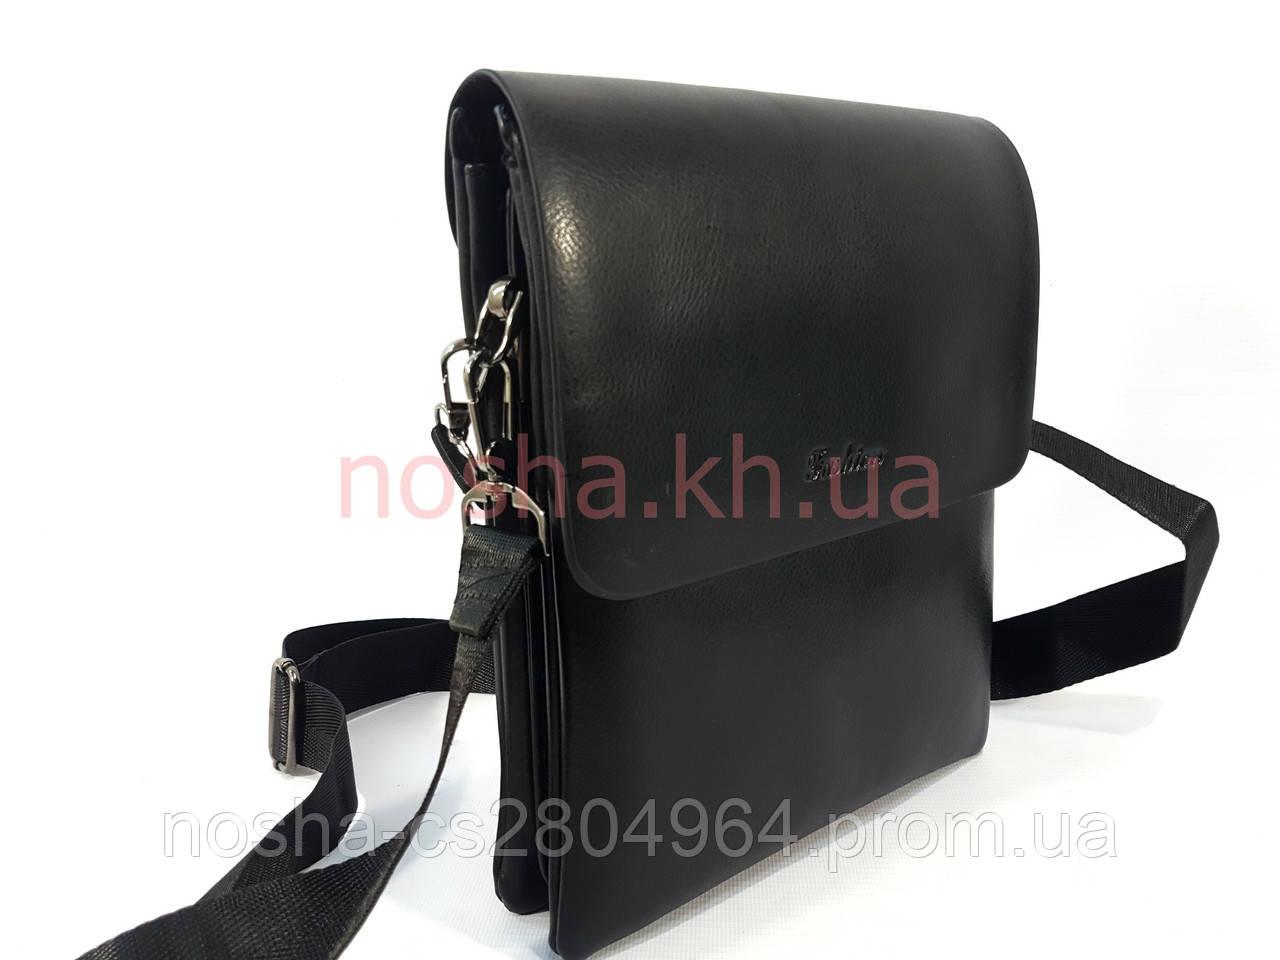 81127d5dd35e Кожаная мужская сумка через плечо. Барсетка. - Интернет-магазин для всей  семьи в